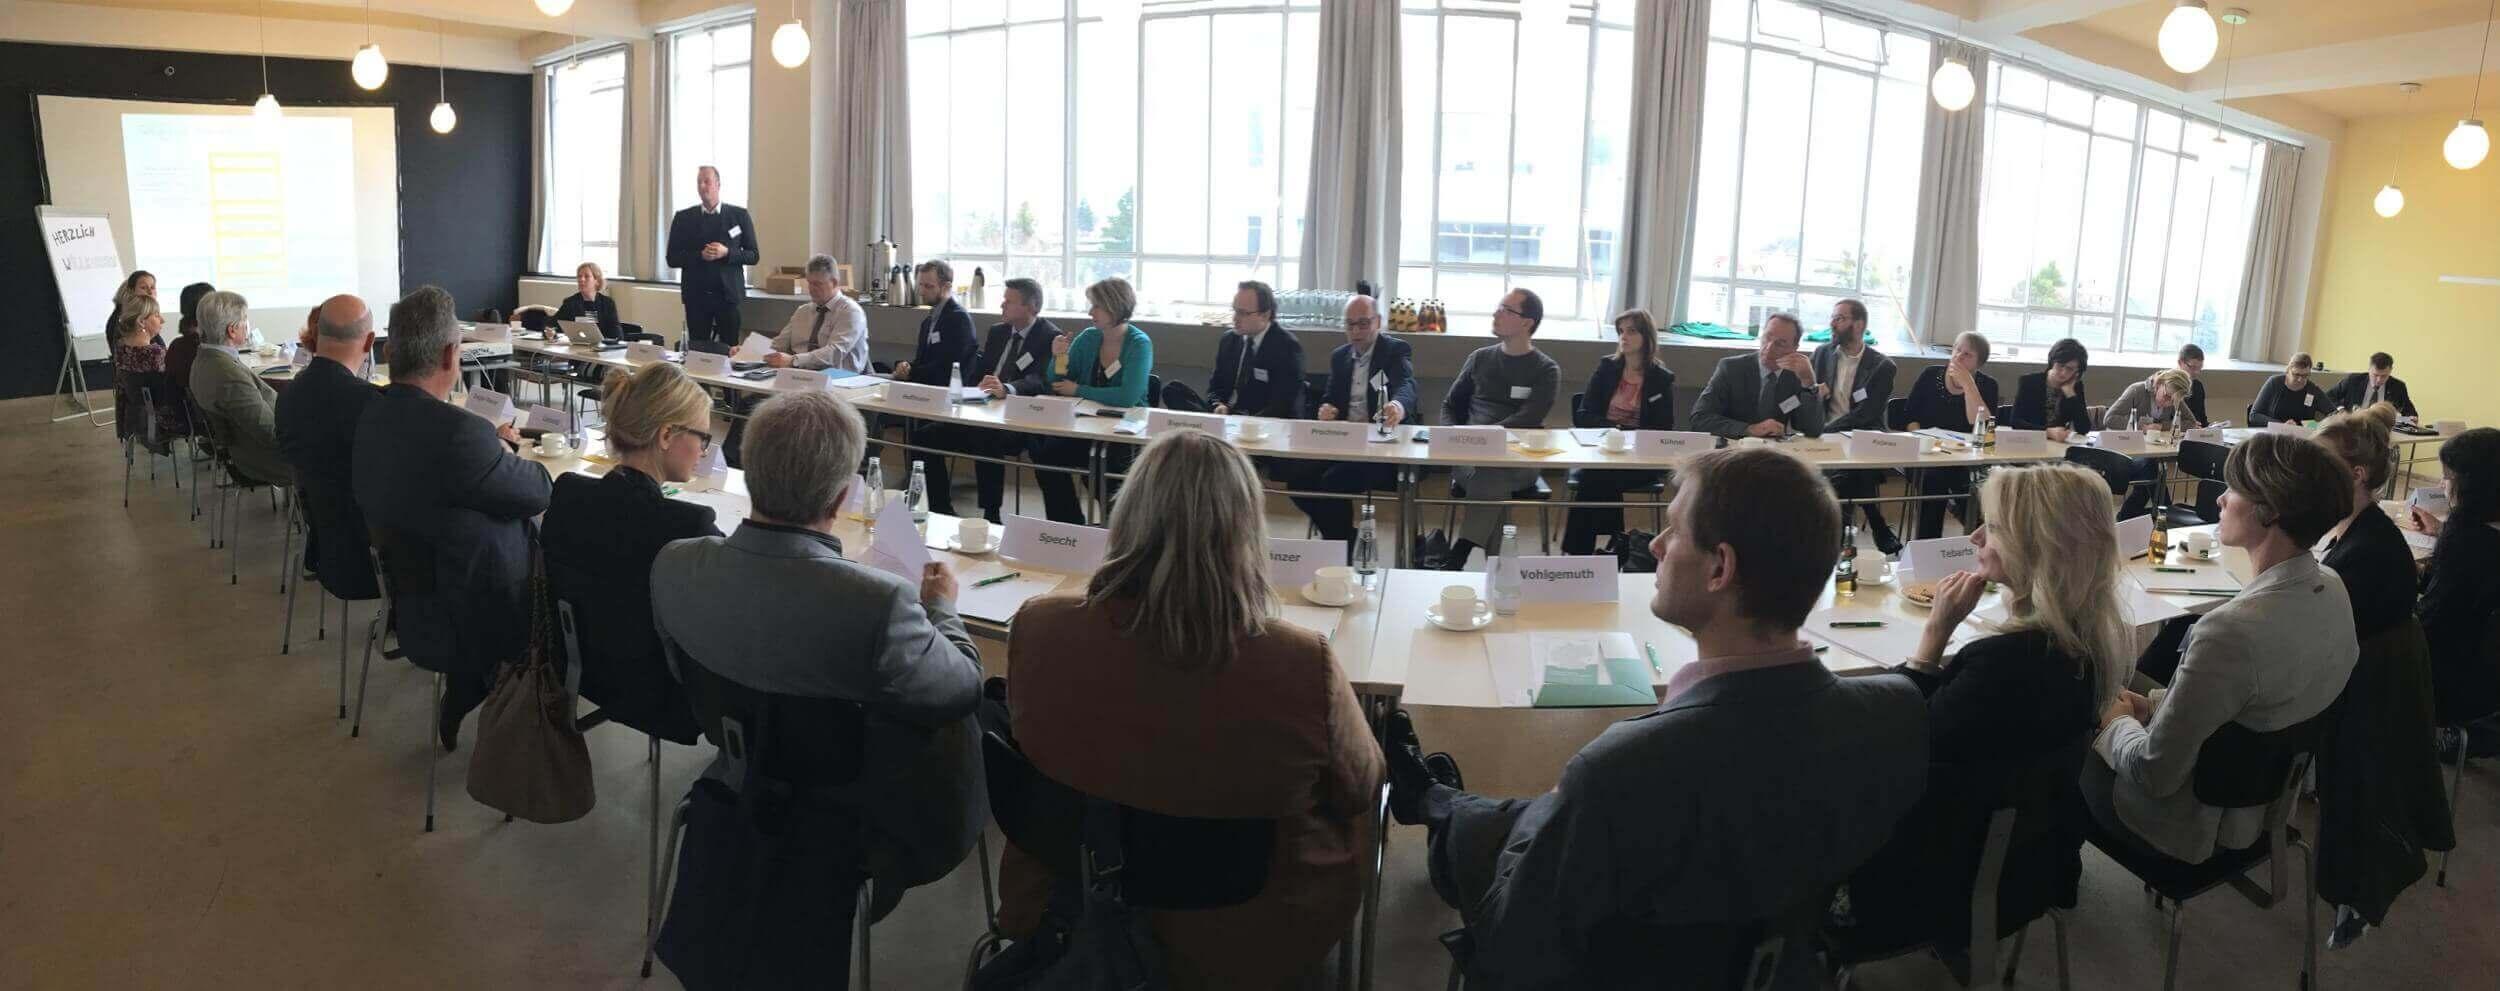 ERFA-Kreis Fachkräftesicherung Dessau (c) Innovationsbüro Fachkräfte für die Region